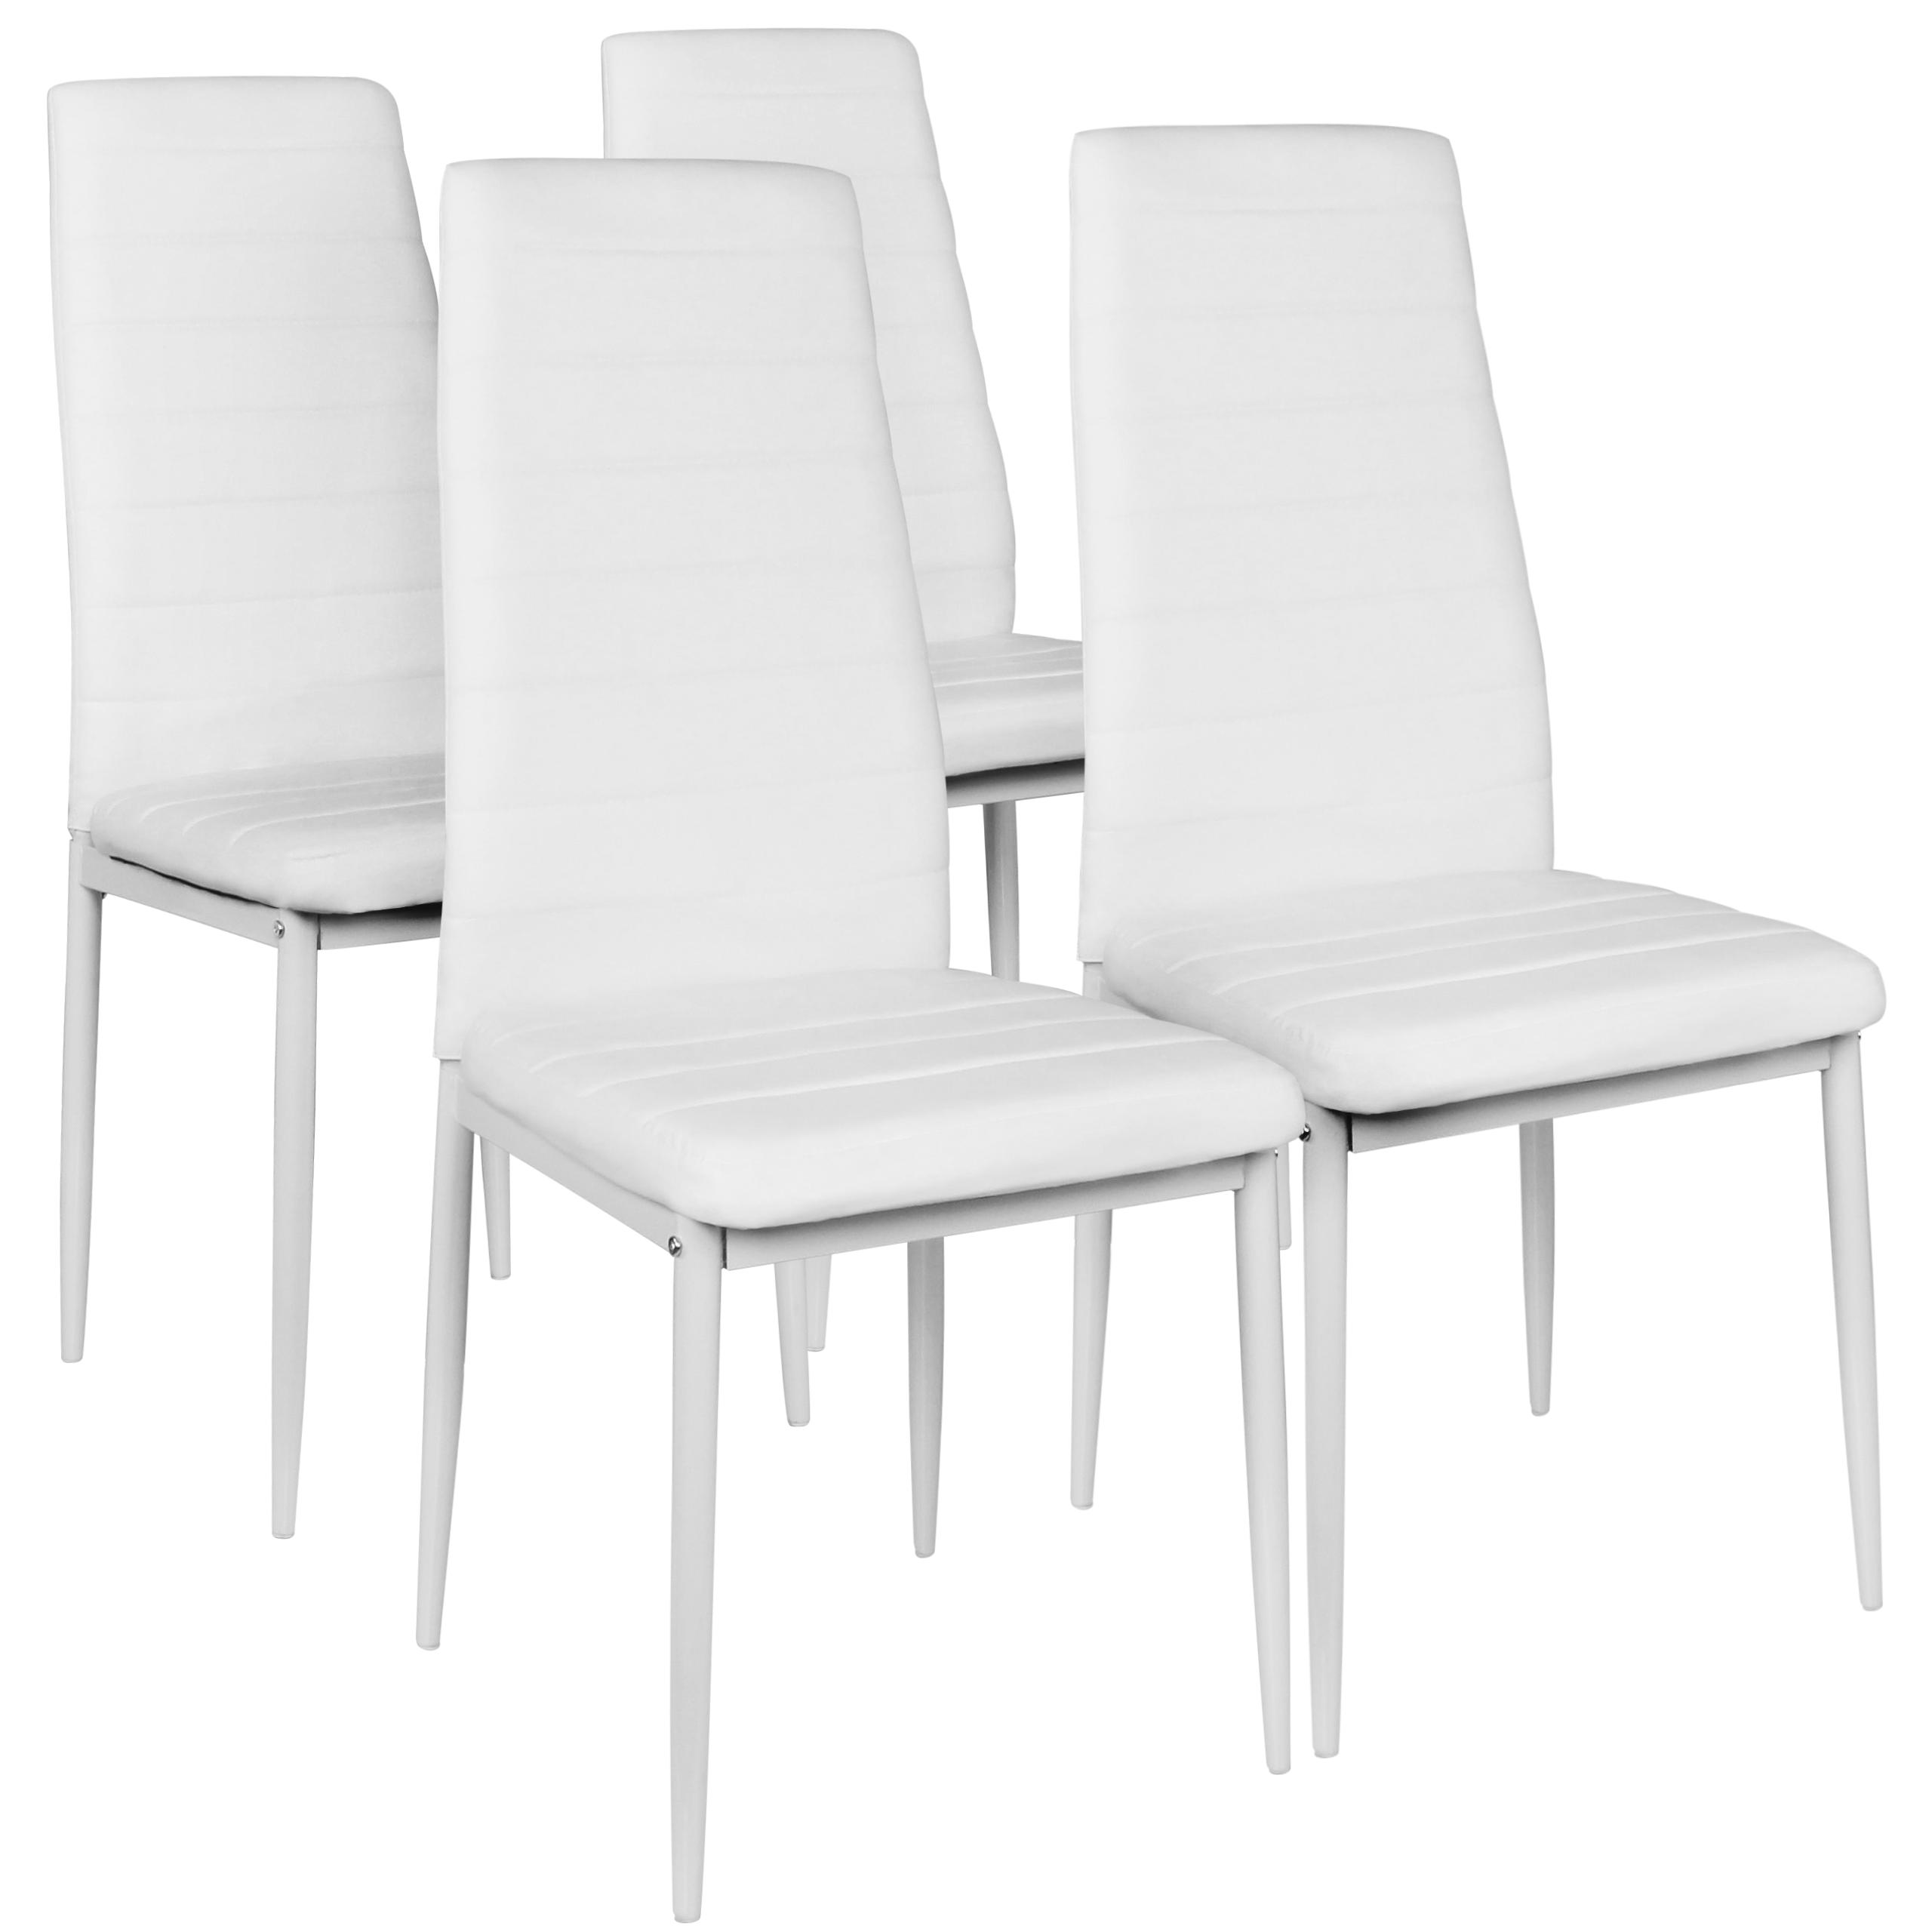 4 Krzesła Tapicerowane Brązowe Krzesło Salon Jadalnia Białe